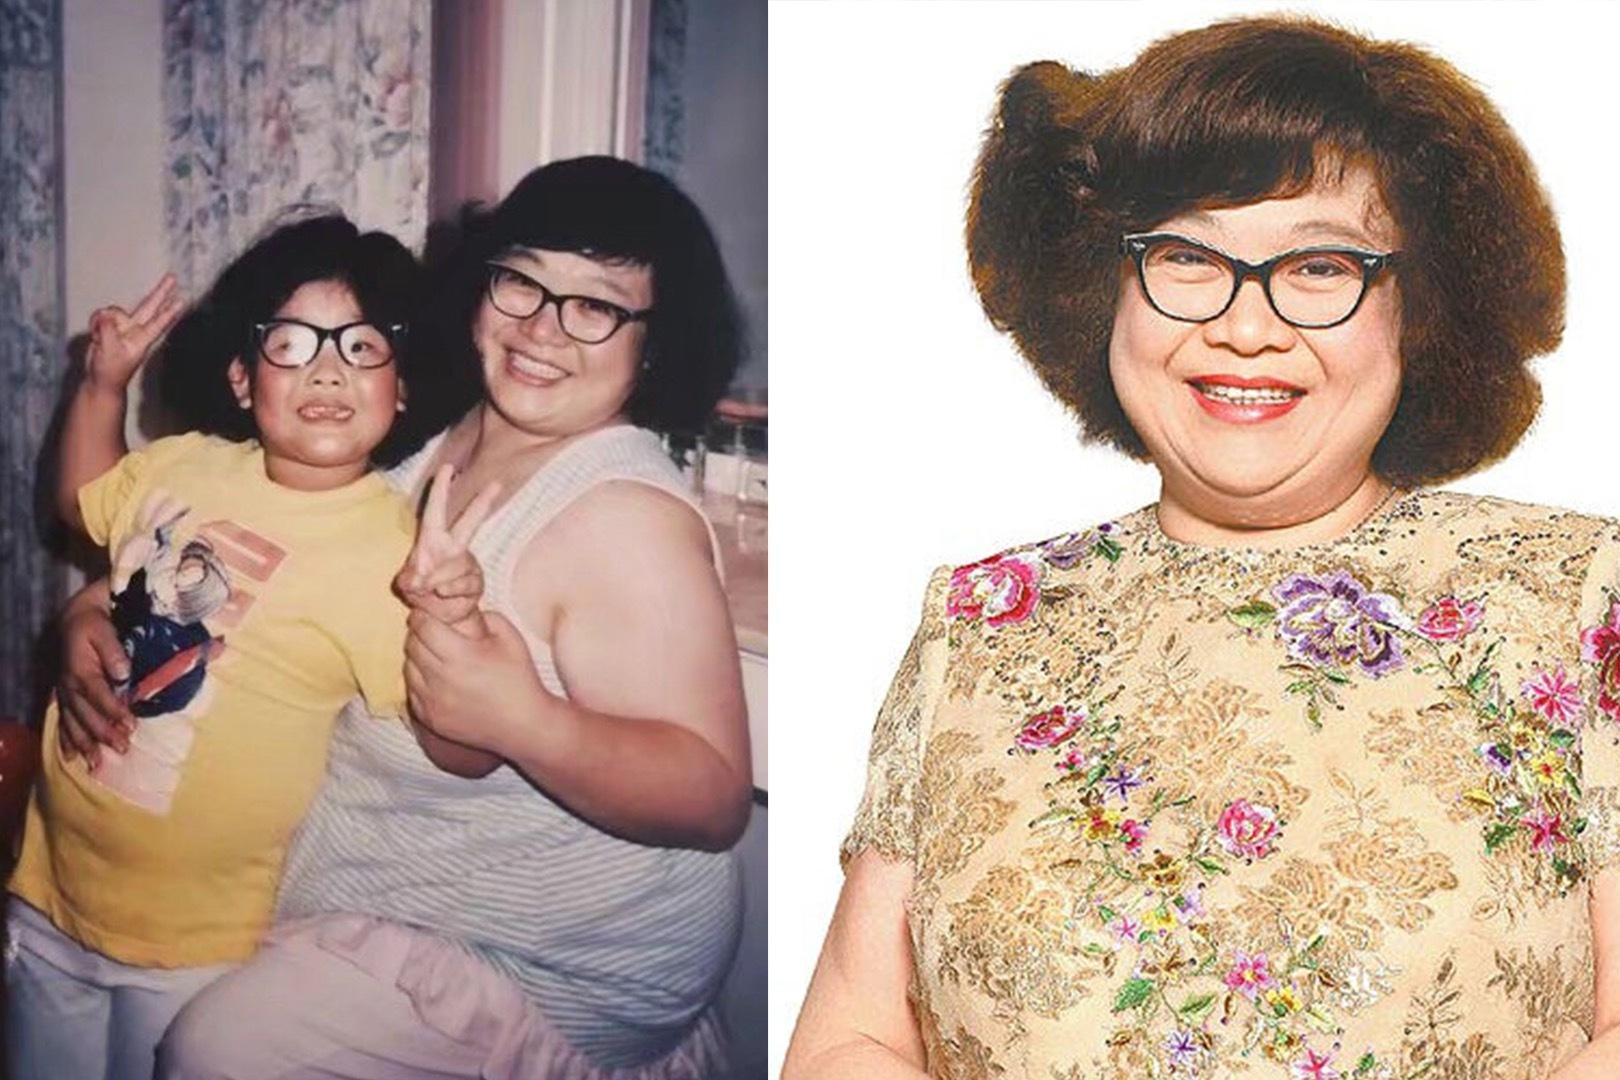 情深意切!肥姐沈殿霞逝世12年,郑欣宜发长文悼念母亲